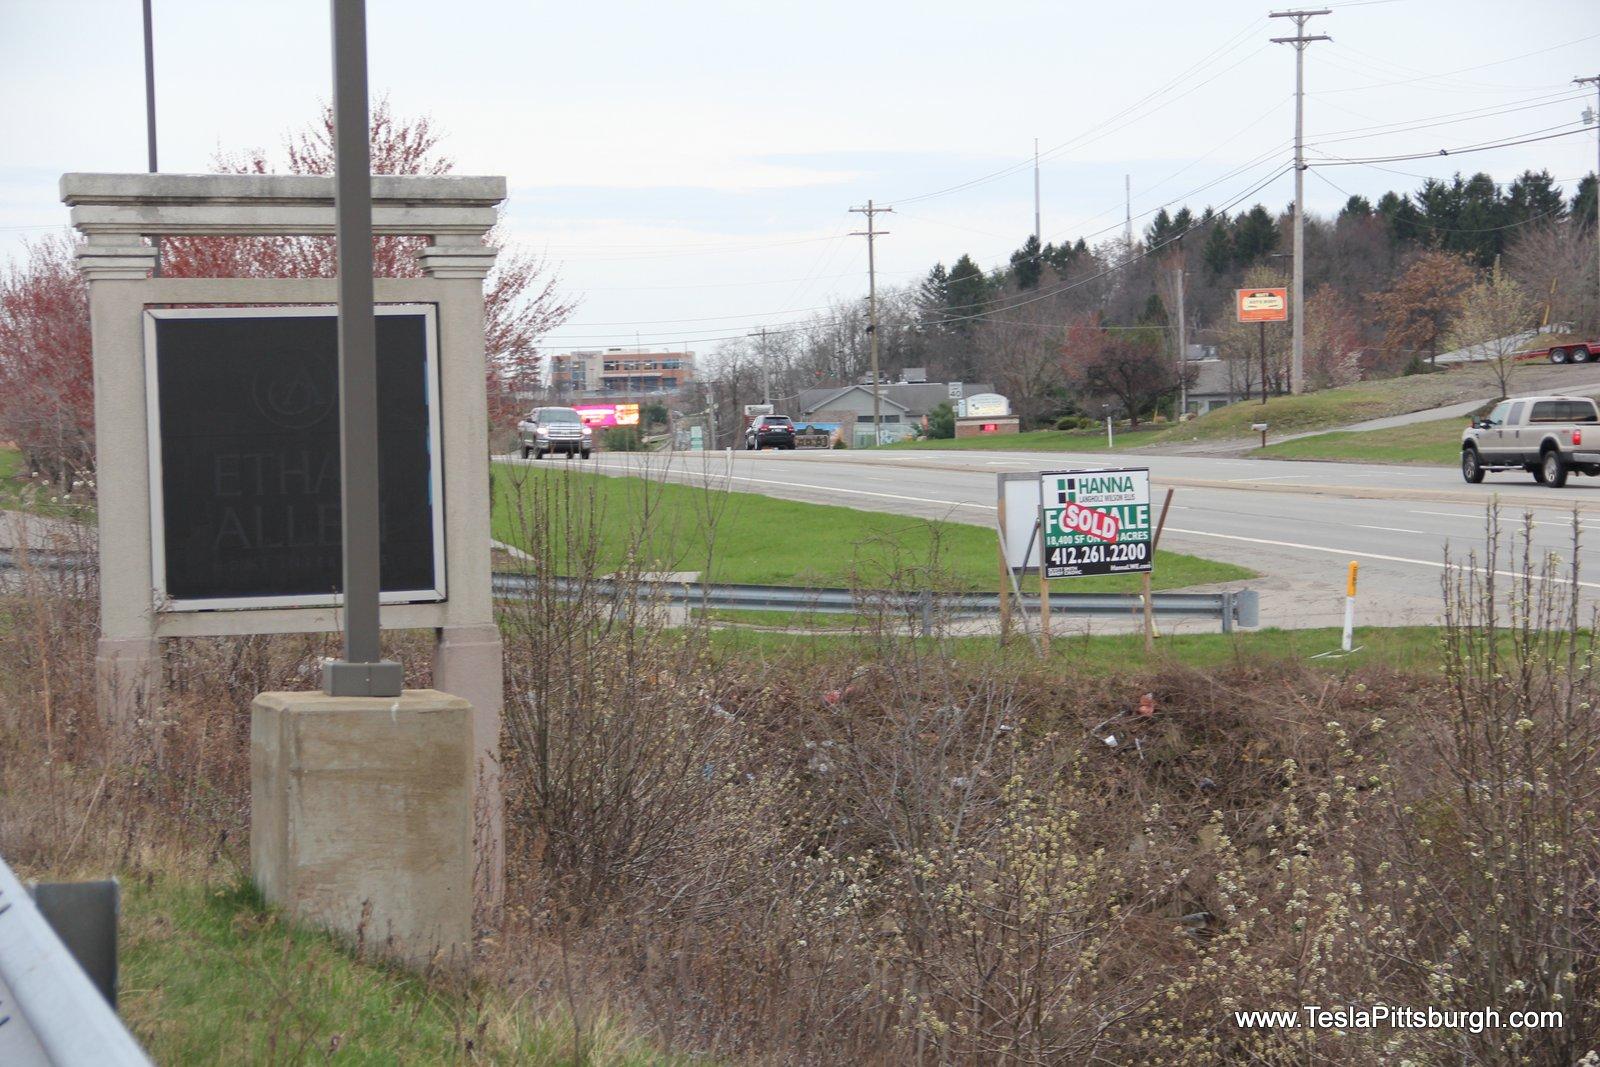 pittsburgh tesla service center entrance sign